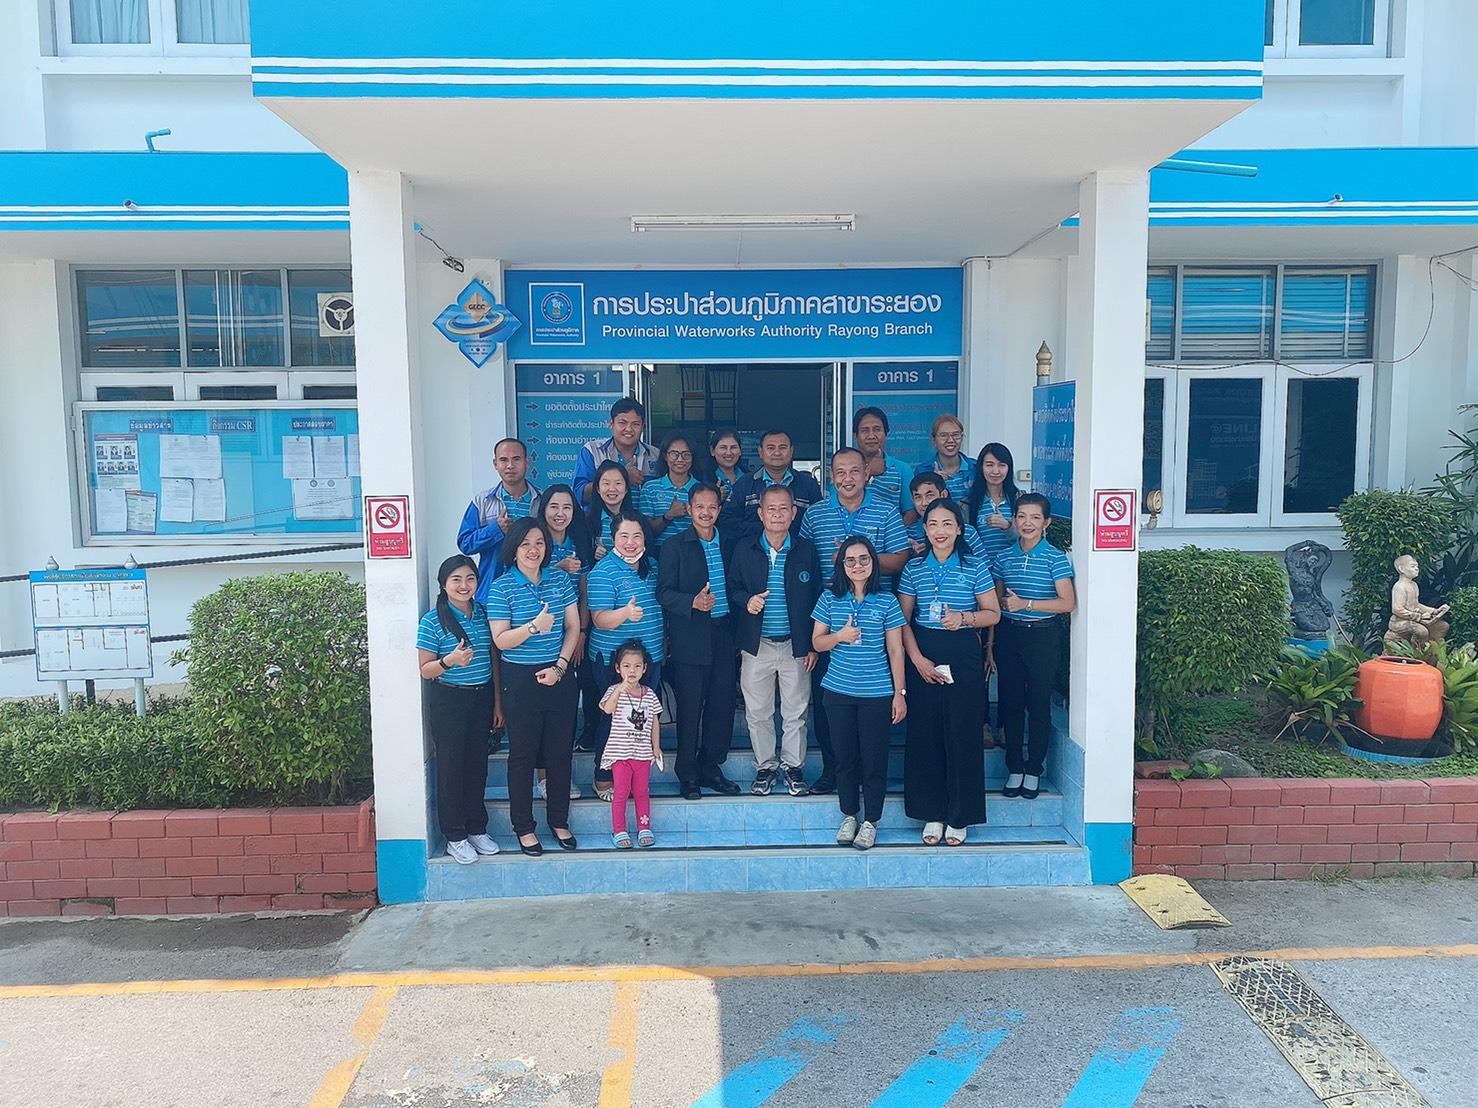 กปภ.สาขากุยบุรีเข้าศึกษาดูงานการประปาส่วนภูมิภาคสาขาระยอง